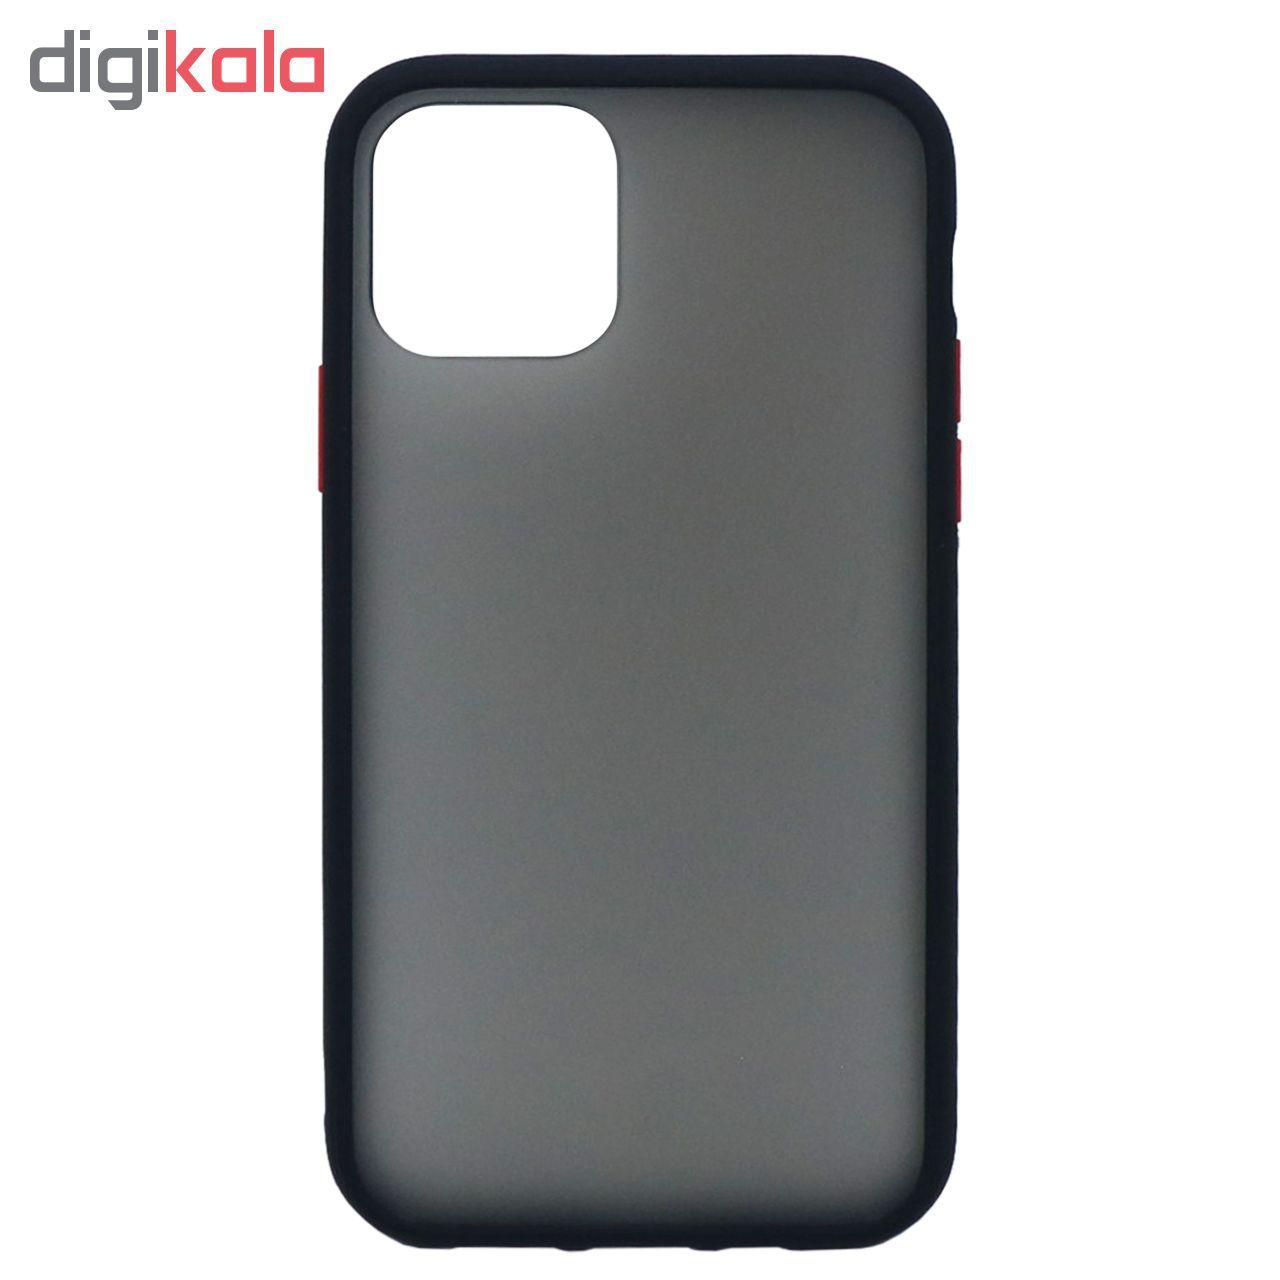 کاور مدل Sb-001 مناسب برای گوشی موبایل اپل Iphone 11 pro  main 1 1